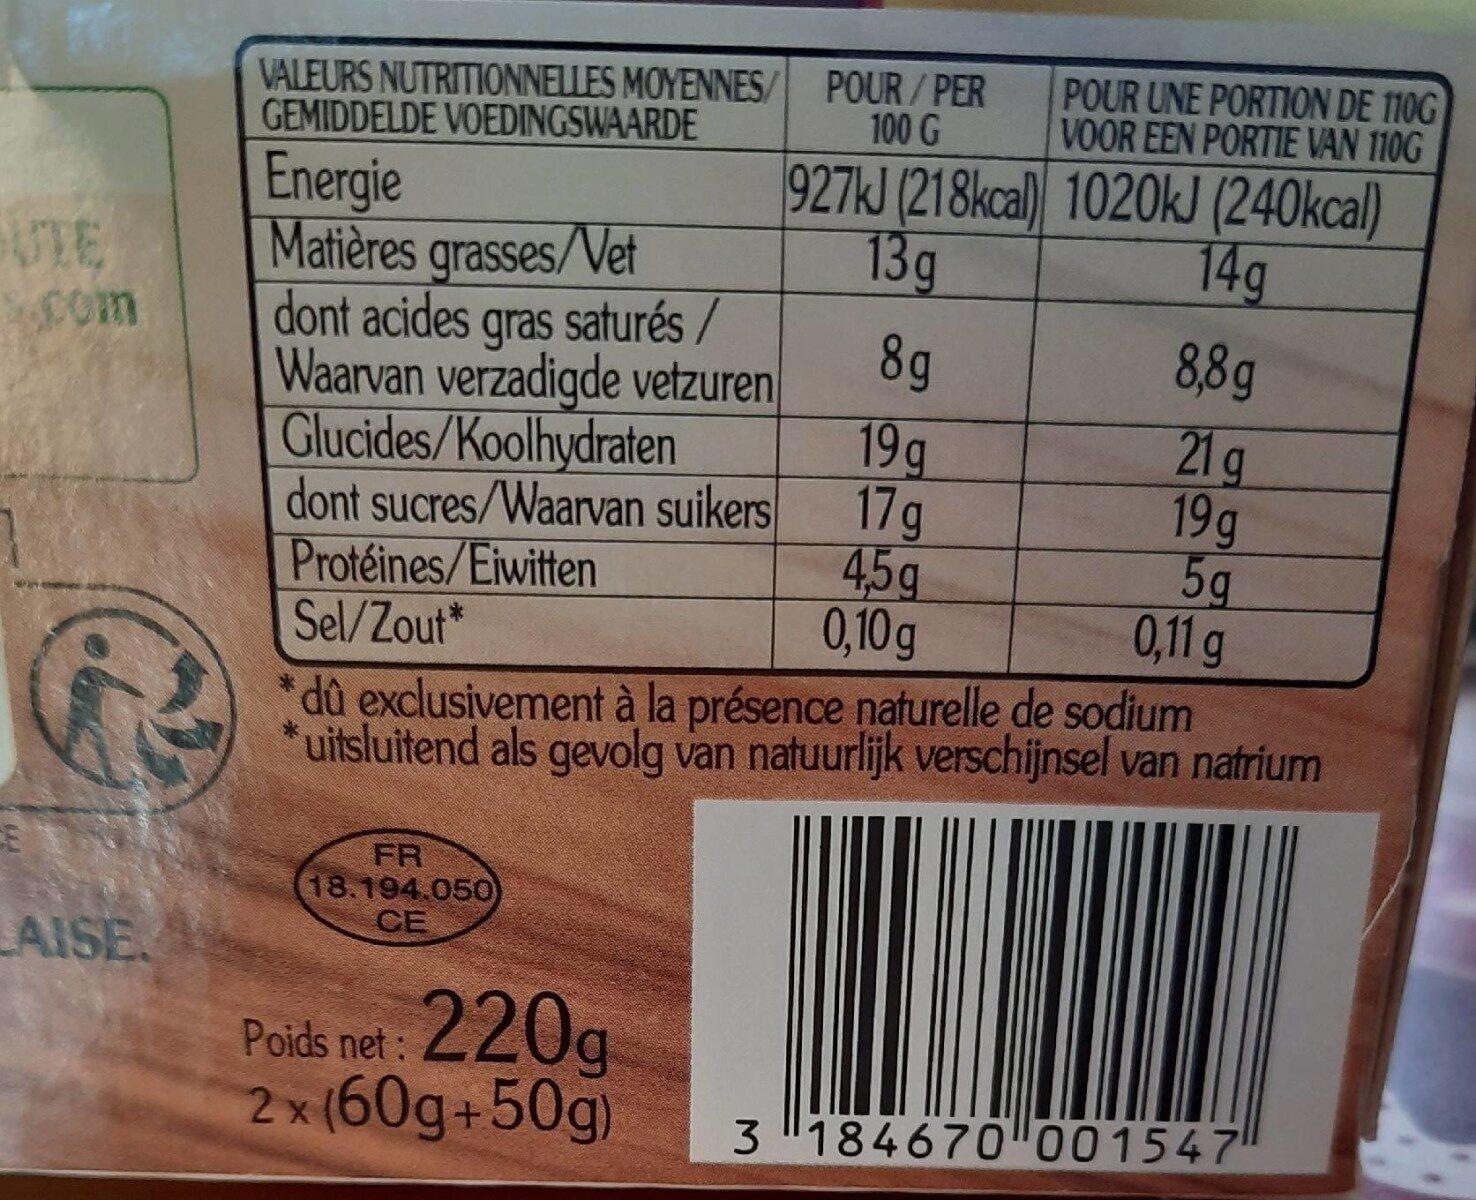 Le fondant au chocolat noir - Informations nutritionnelles - fr